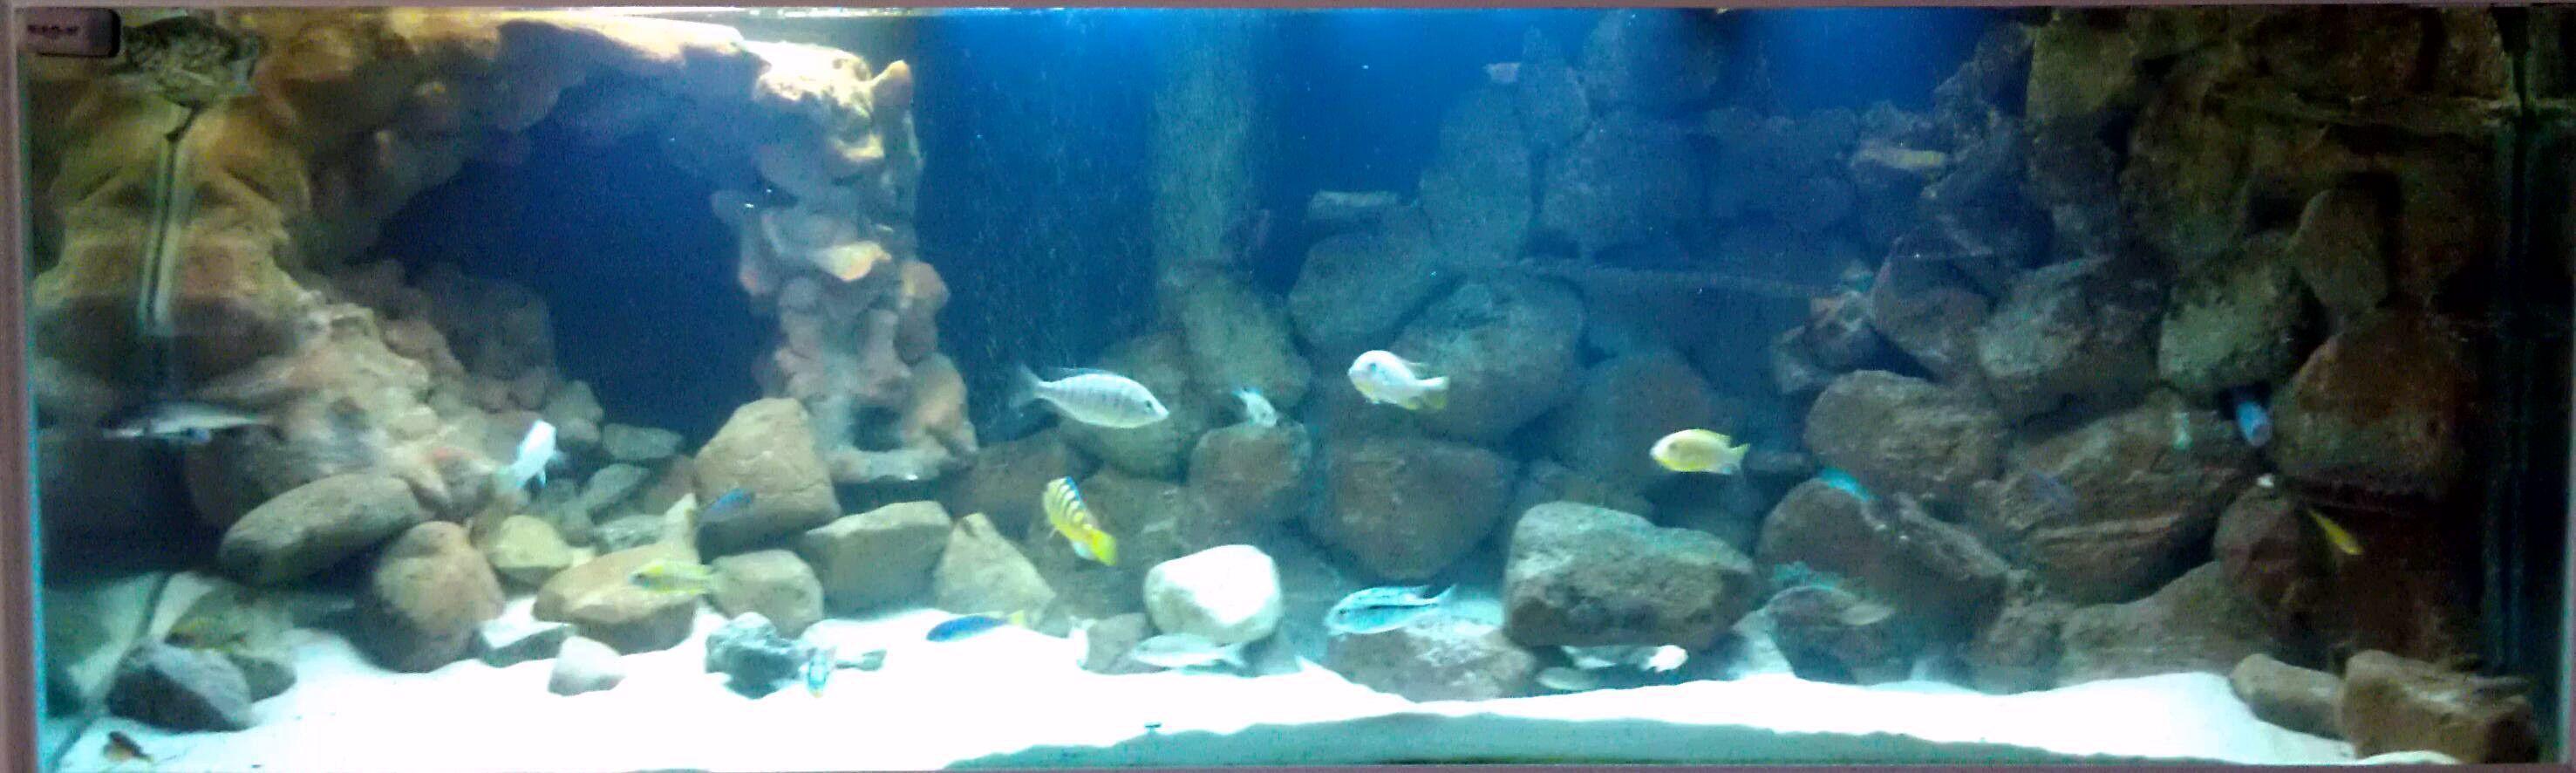 3D freshwater aquarium backgrounds - Aquarium Advice